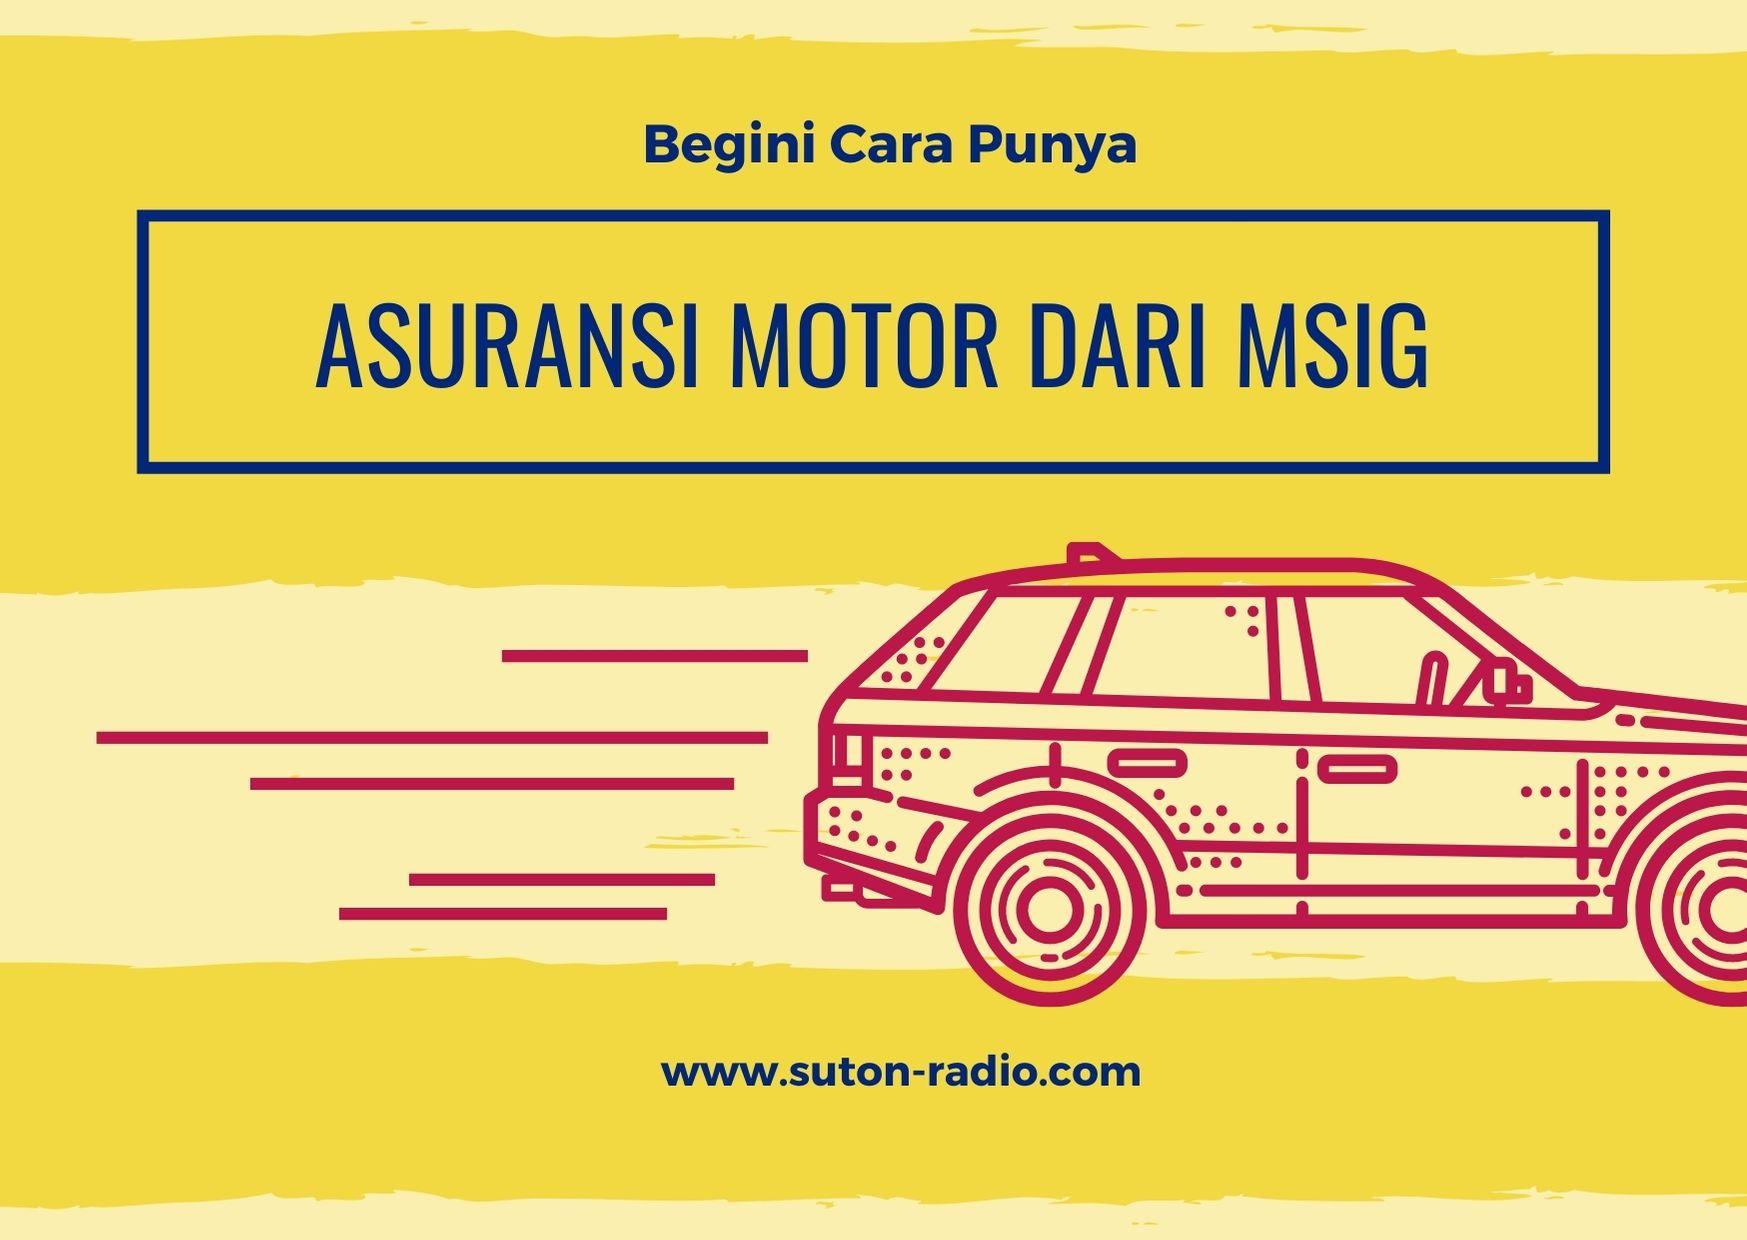 Begini Cara Punya Asuransi Motor dari MSIG